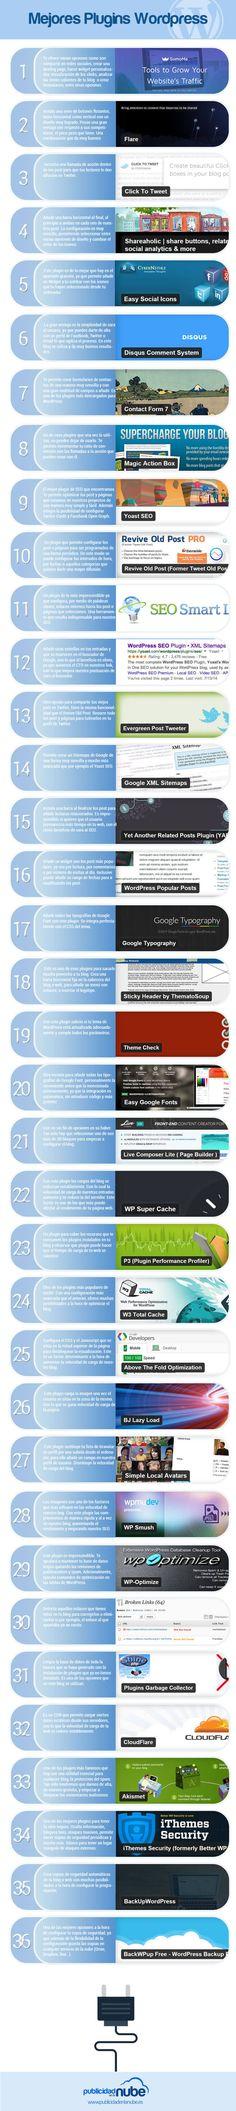 Hola: Una infografía con los 36 mejores plugins gratuitos para WordPress. Vía Un saludo